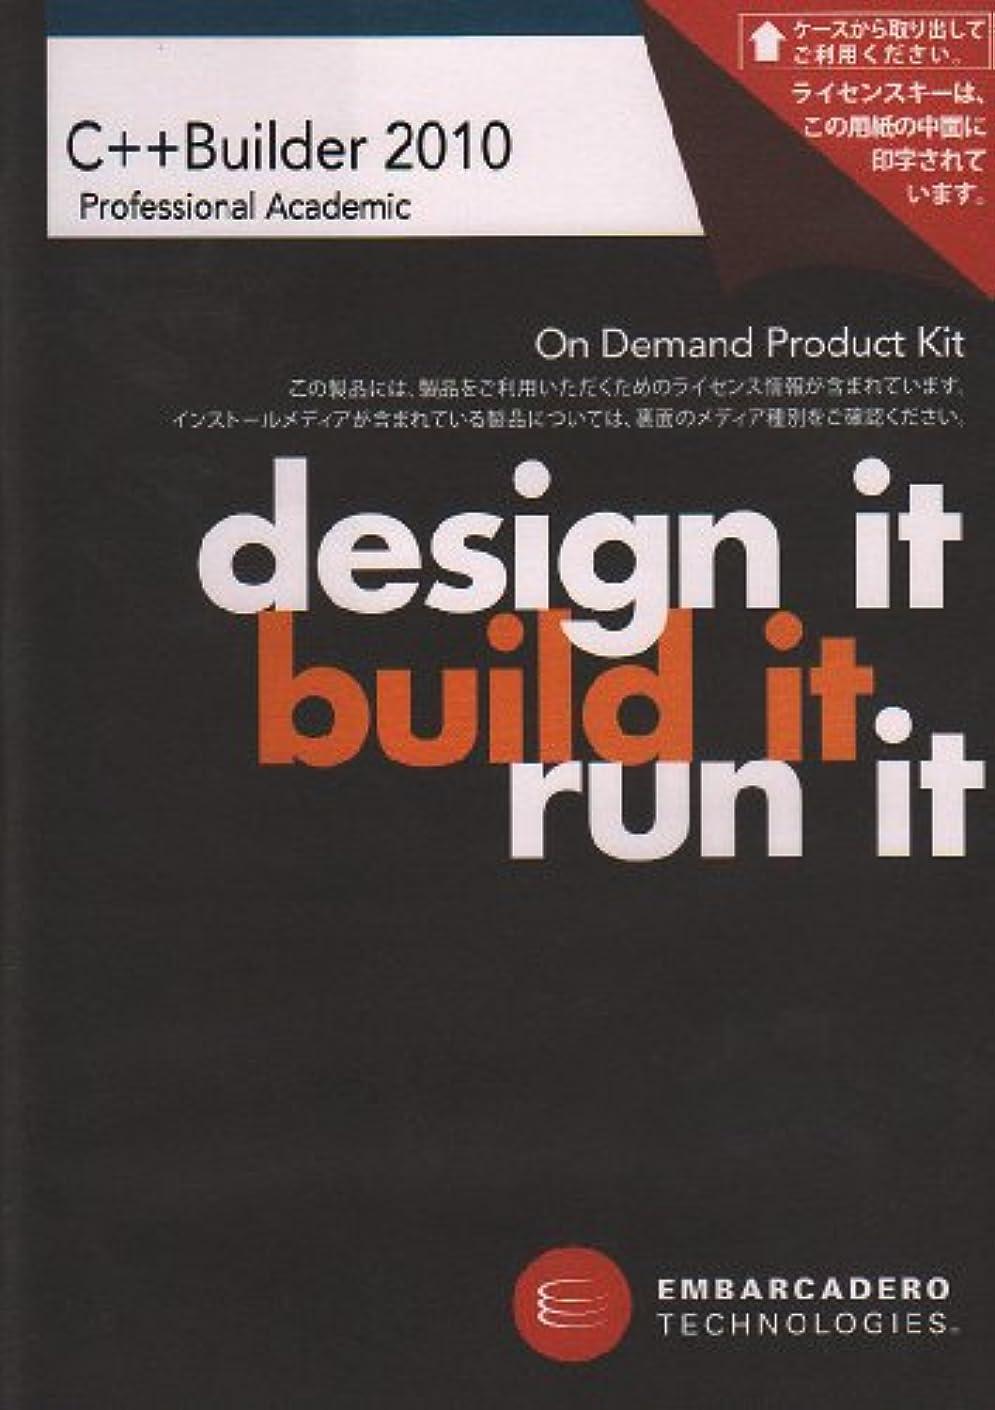 覗く定刻栄光C++Builder 2010 Professional アカデミック